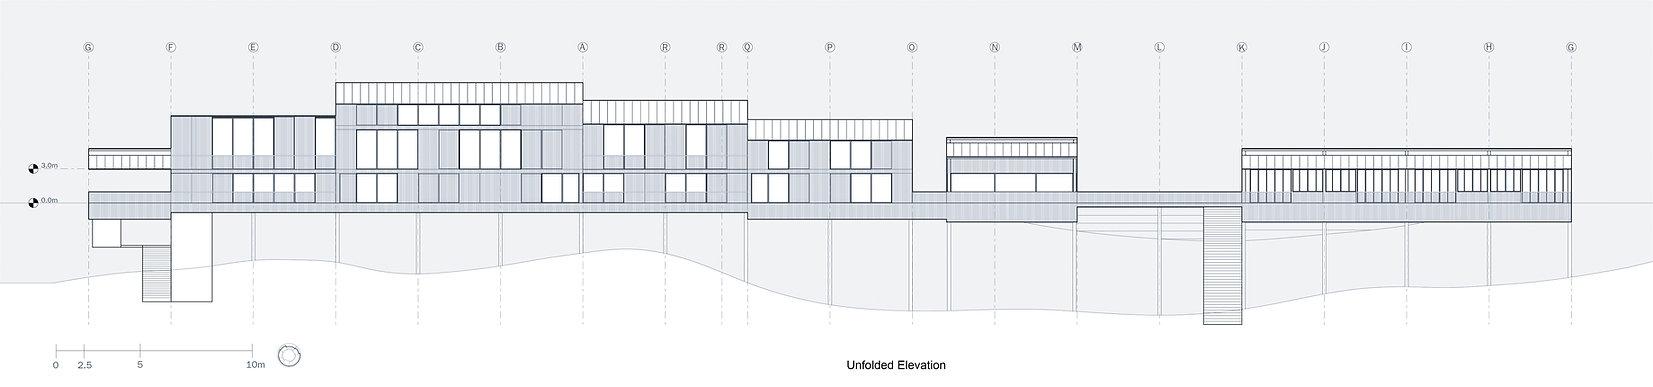 QXC_Unfolded_Elevation.jpg